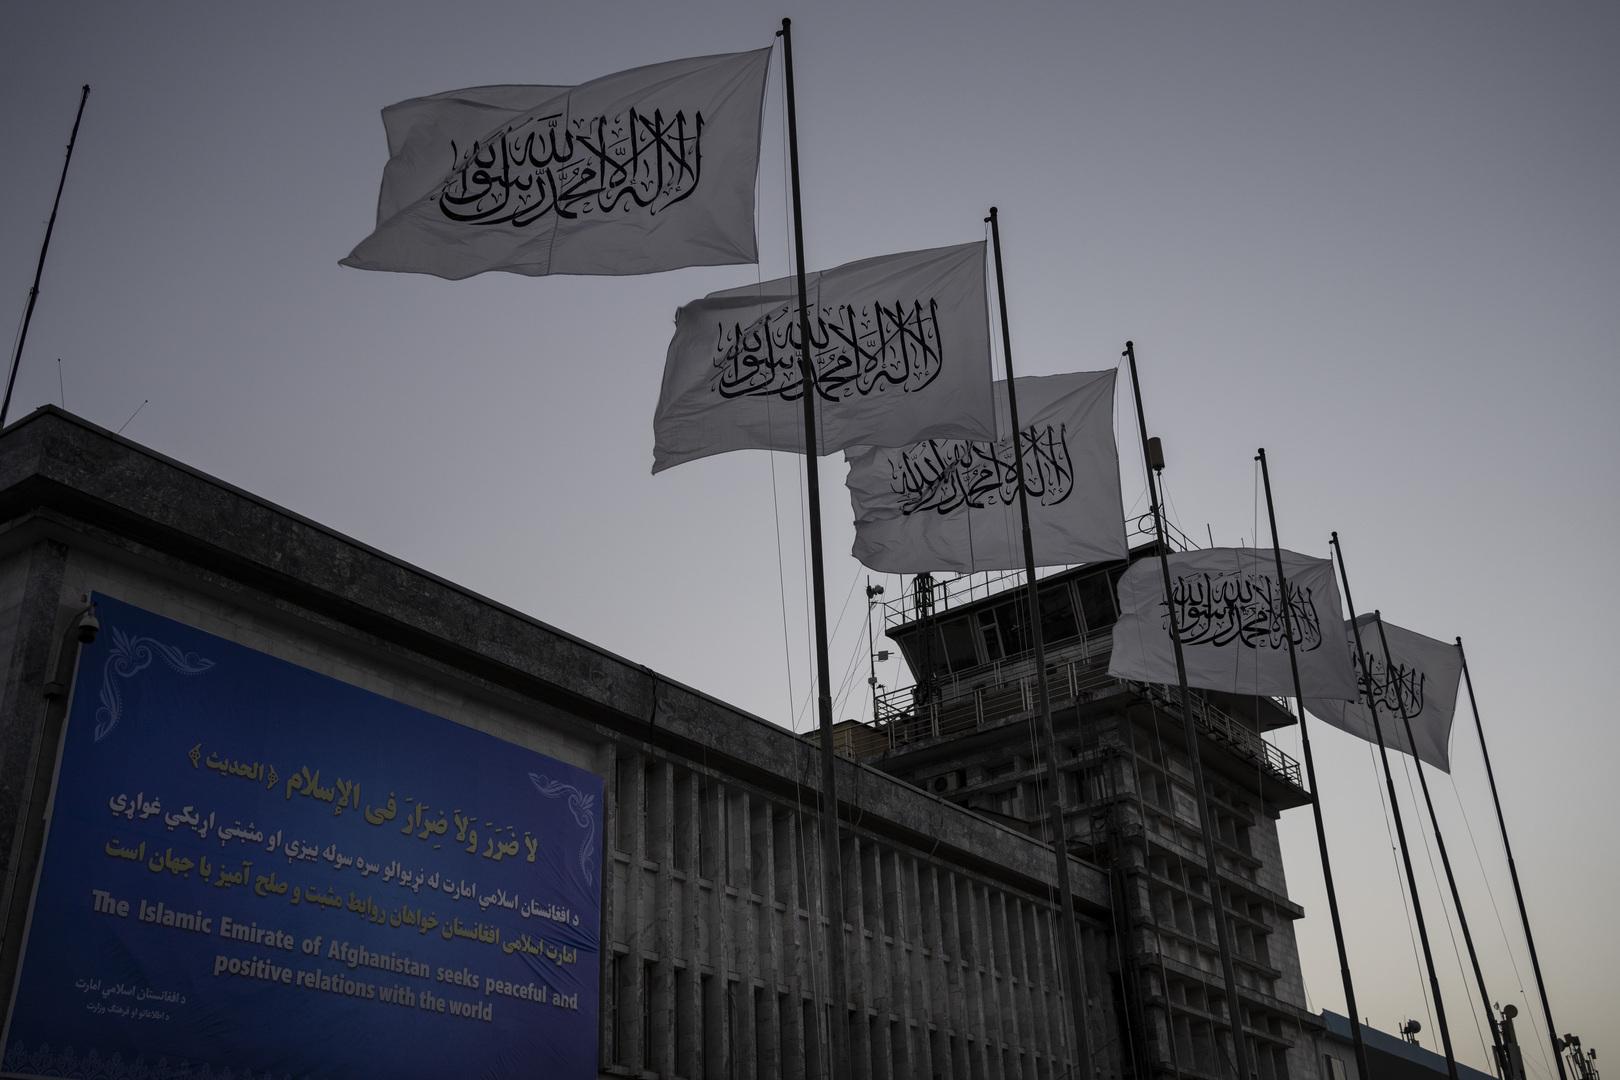 وسائل إعلام: أول طائرة ركاب إيرانية تهبط في كابل منذ عودة